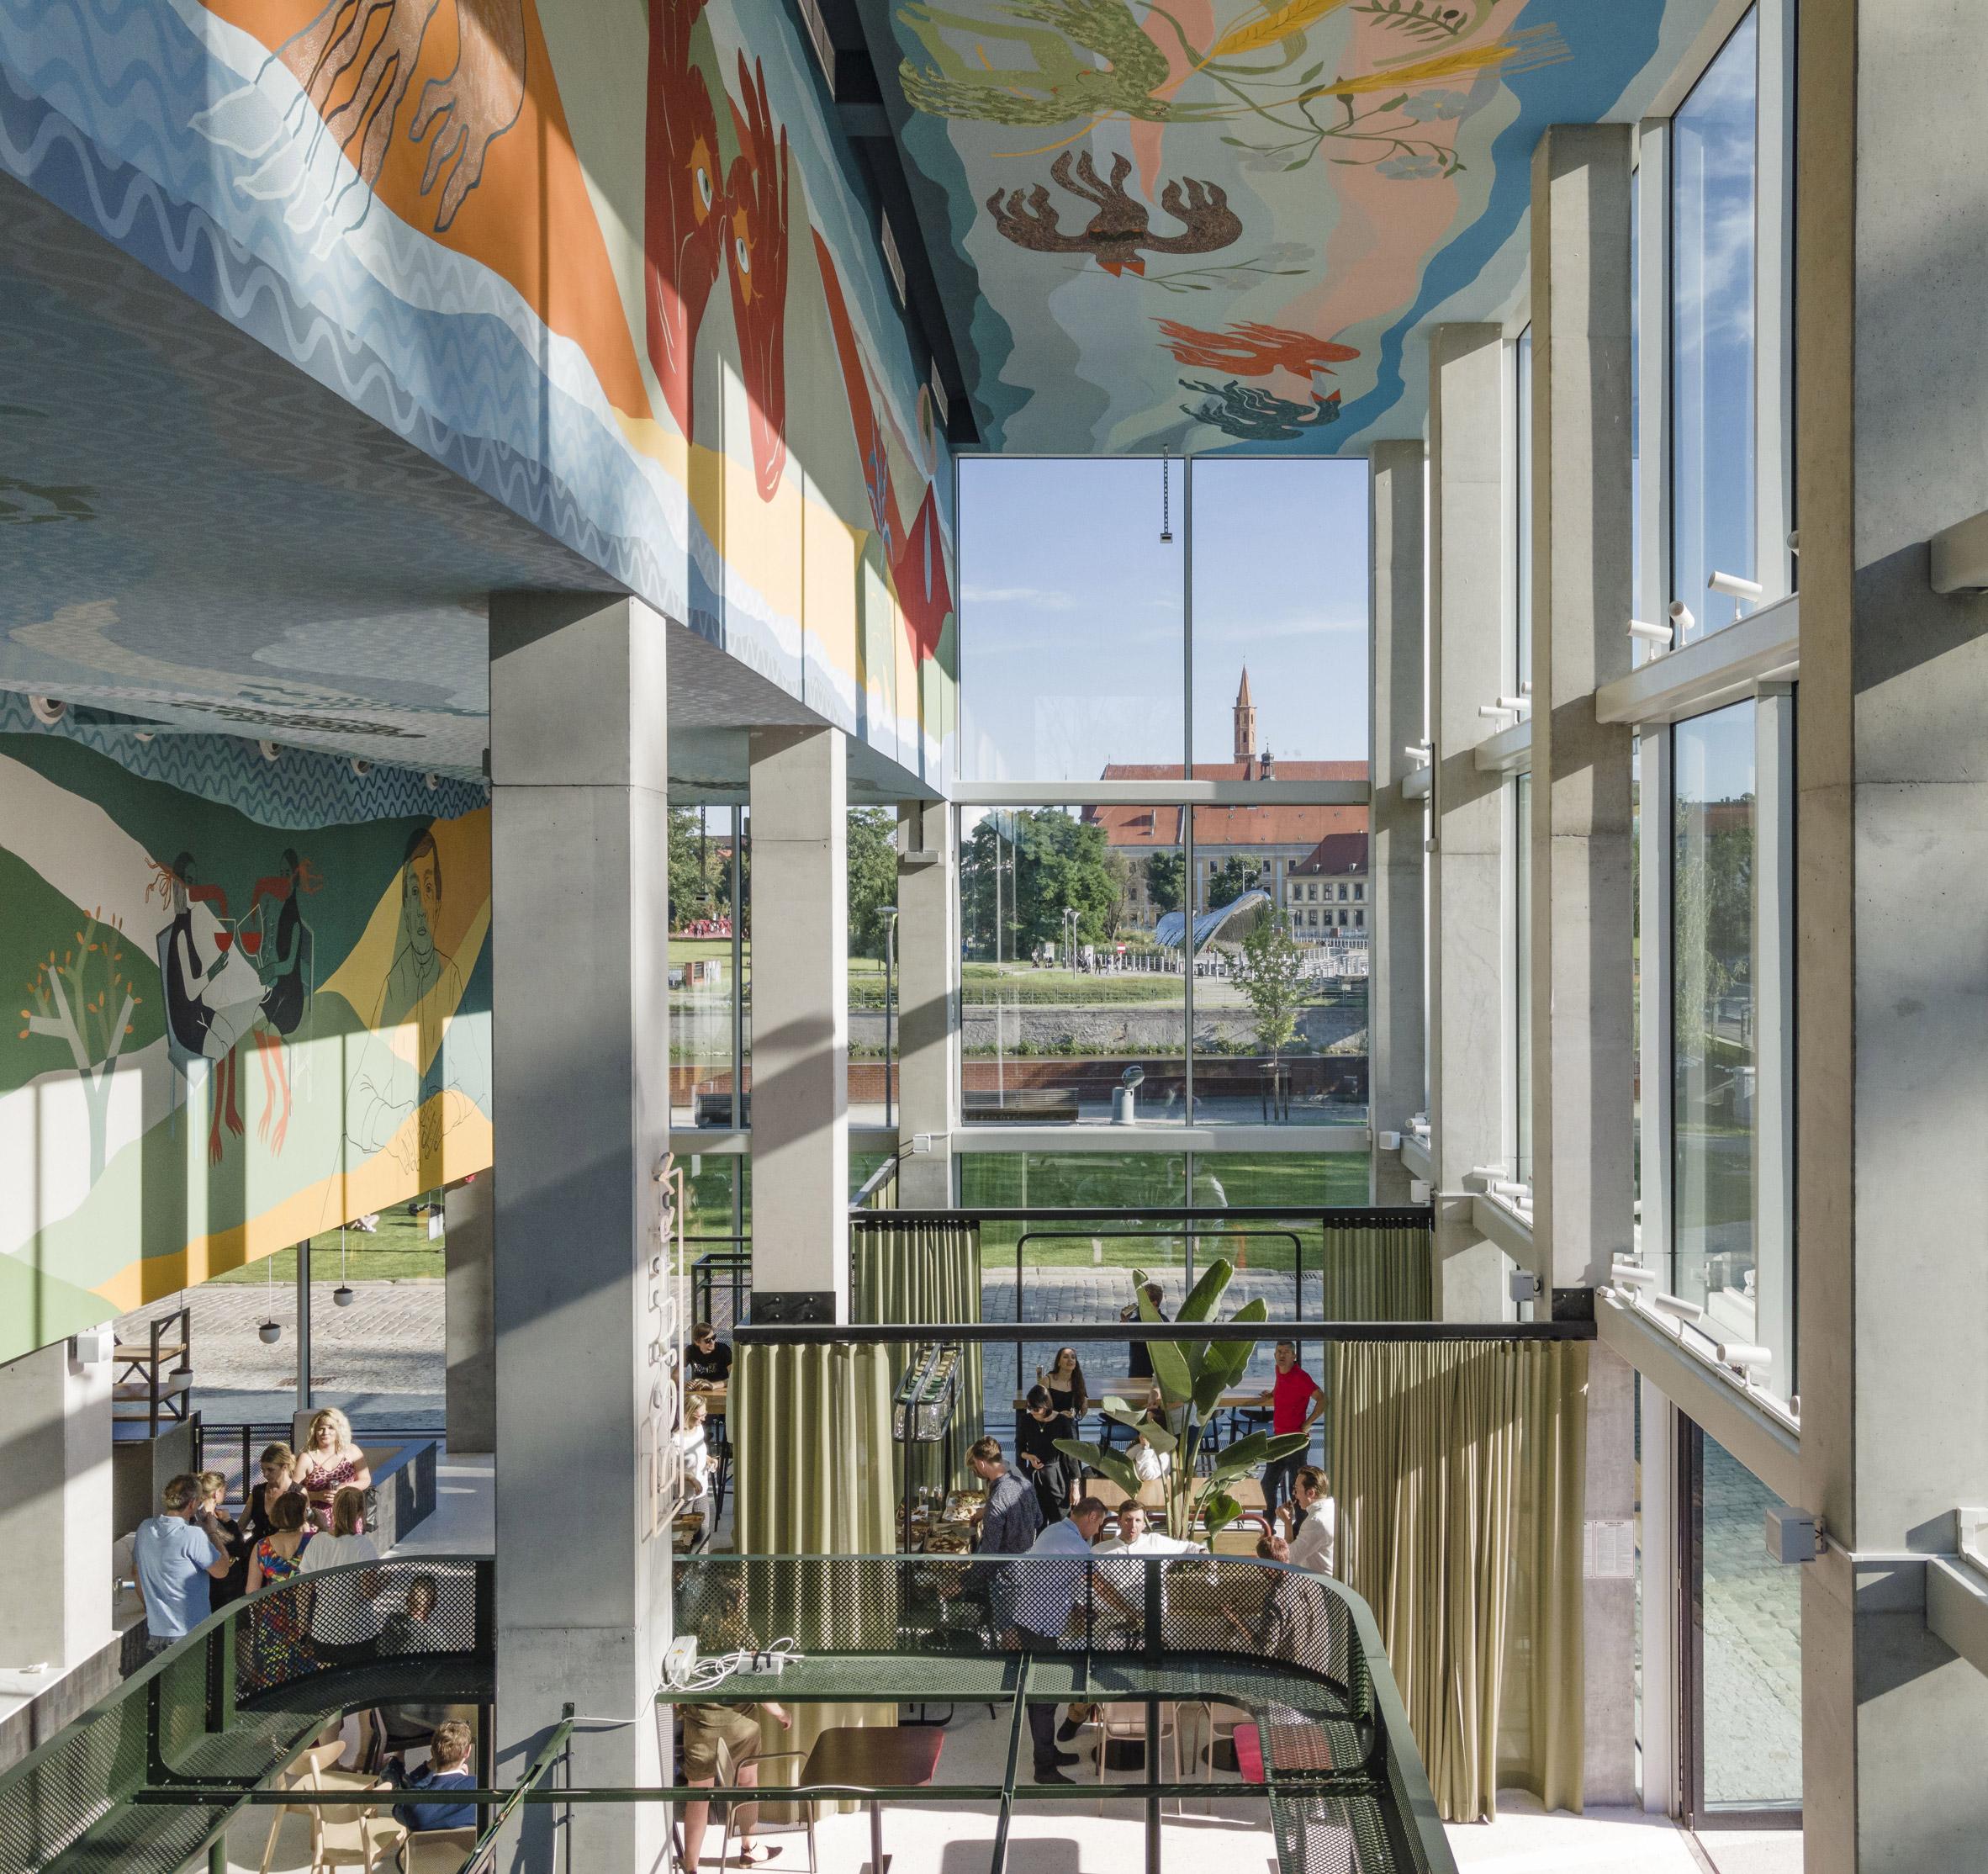 Mural by Alicja Biala for Concordia Design by MVRDV